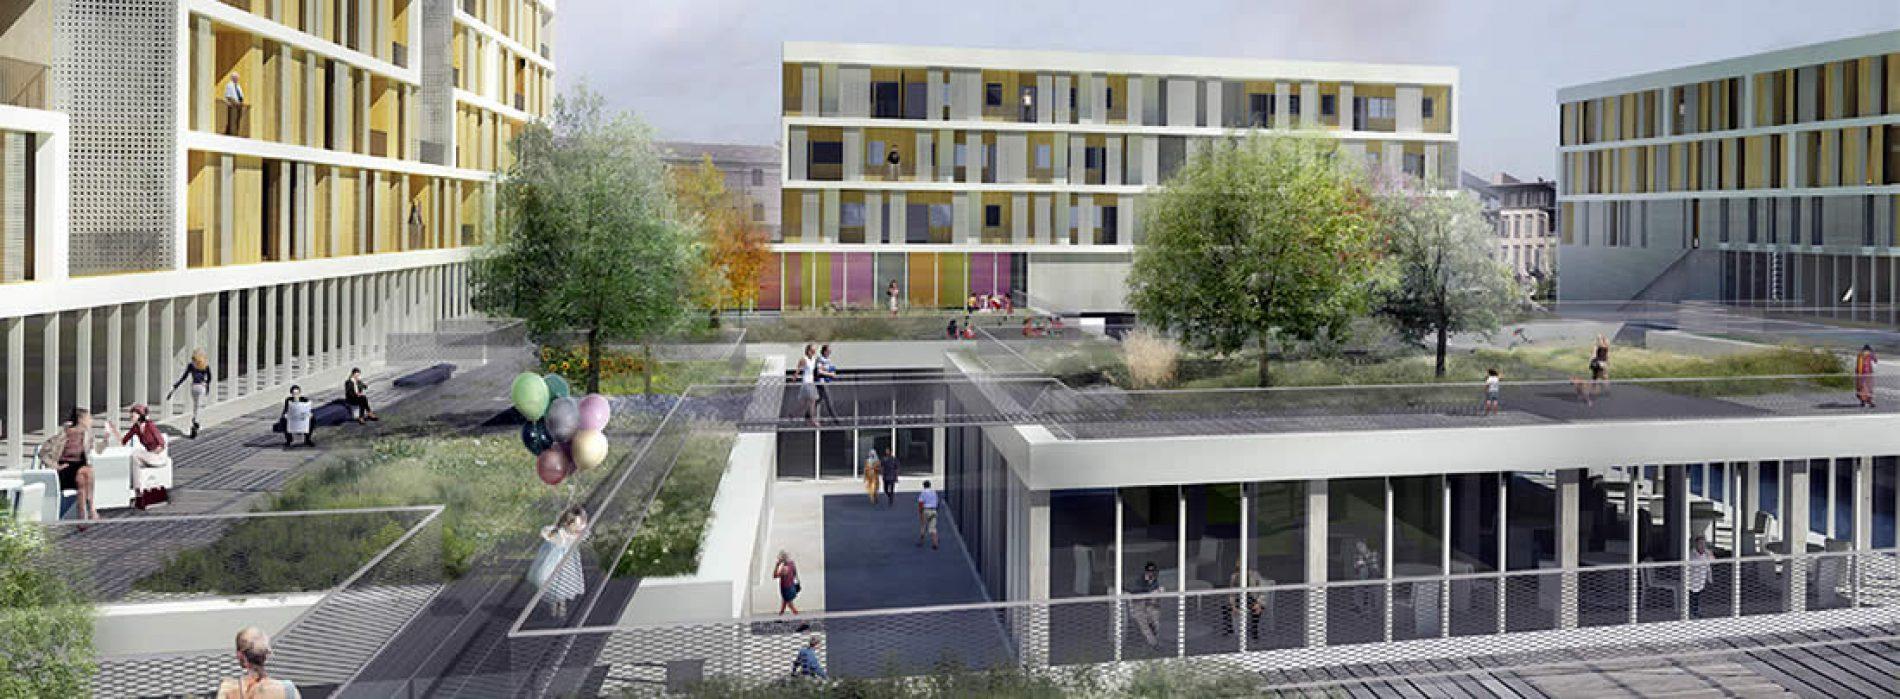 Progettazione e ristrutturazione edifici pubblici: Criteri Ambientali Minimi